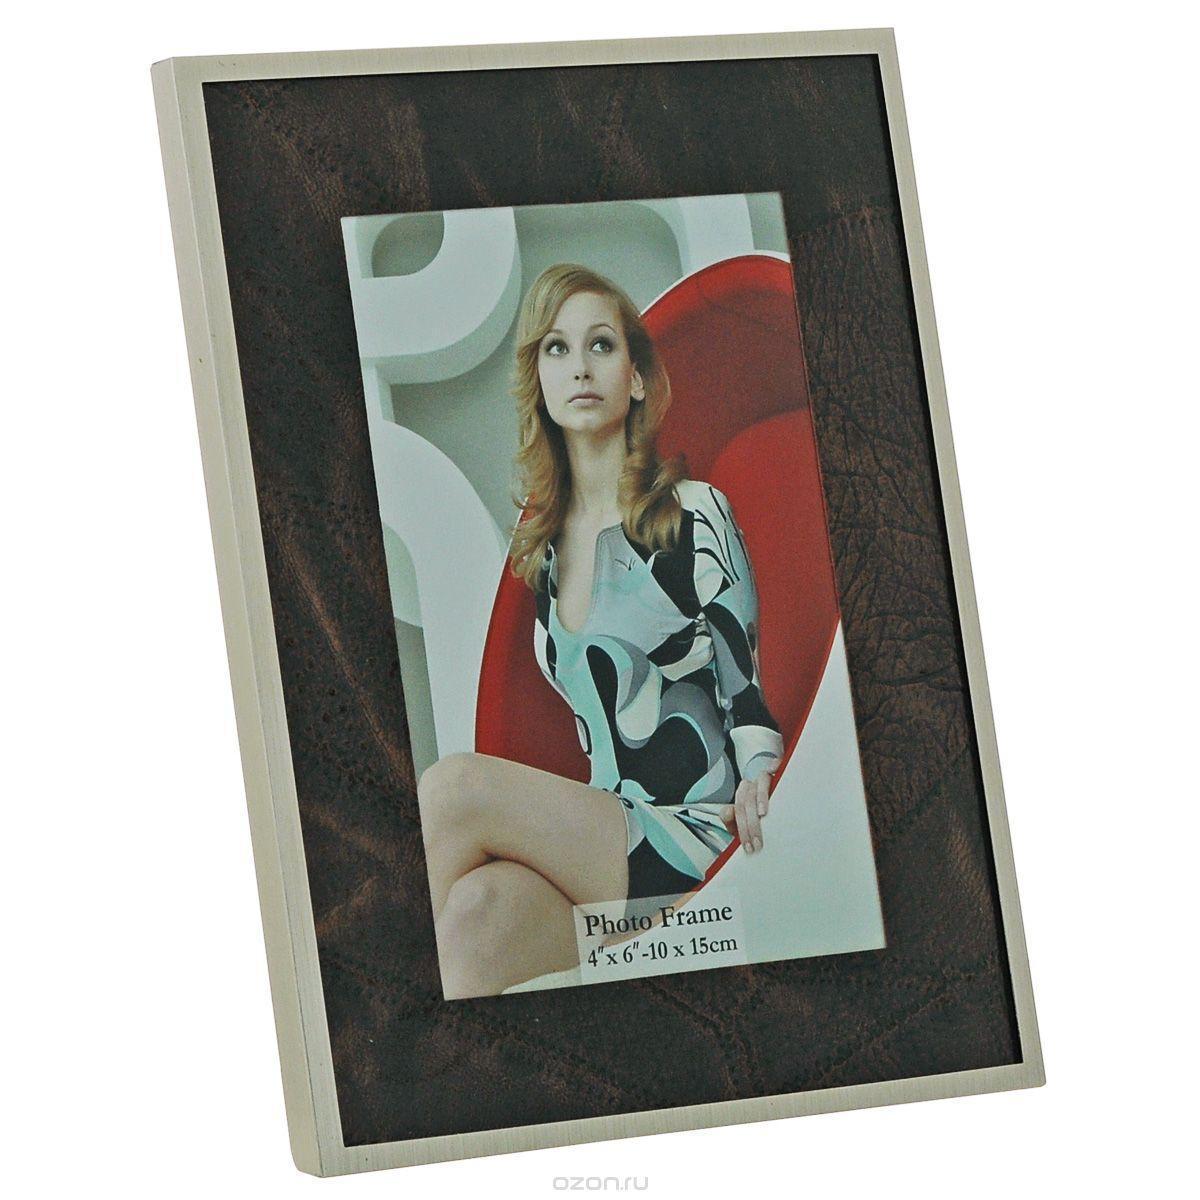 Фоторамка Image Art 6035-4G6035-4GФоторамка Image Art - прекрасный способ красиво оформить ваши фотографии. Изделие рассчитано на 2 фотографии. Фоторамка выполнена из металла и защищена стеклом. Фоторамку можно поставить на стол или подвесить на стену, для чего с задней стороны предусмотрены специальные отверстия. Такая фоторамка поможет сохранить на память самые яркие моменты вашей жизни, а стильный дизайн сделает ее прекрасным дополнением интерьера.